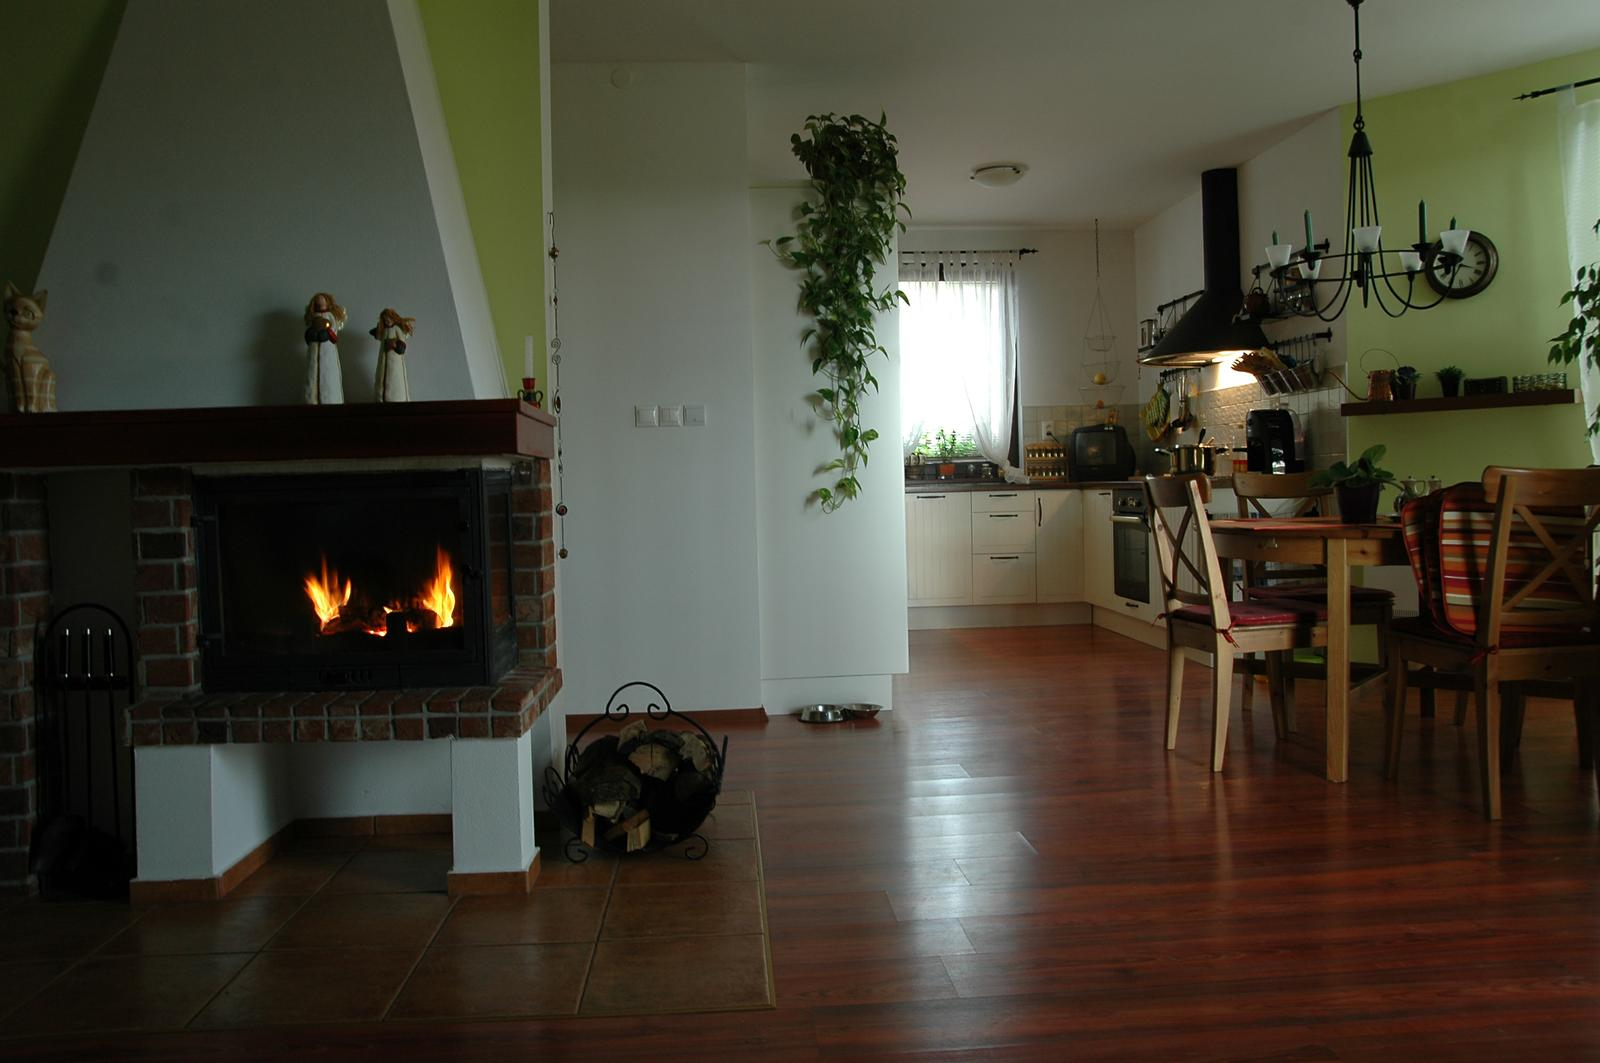 takto vyzera biela kuchyna... - Obrázok č. 2